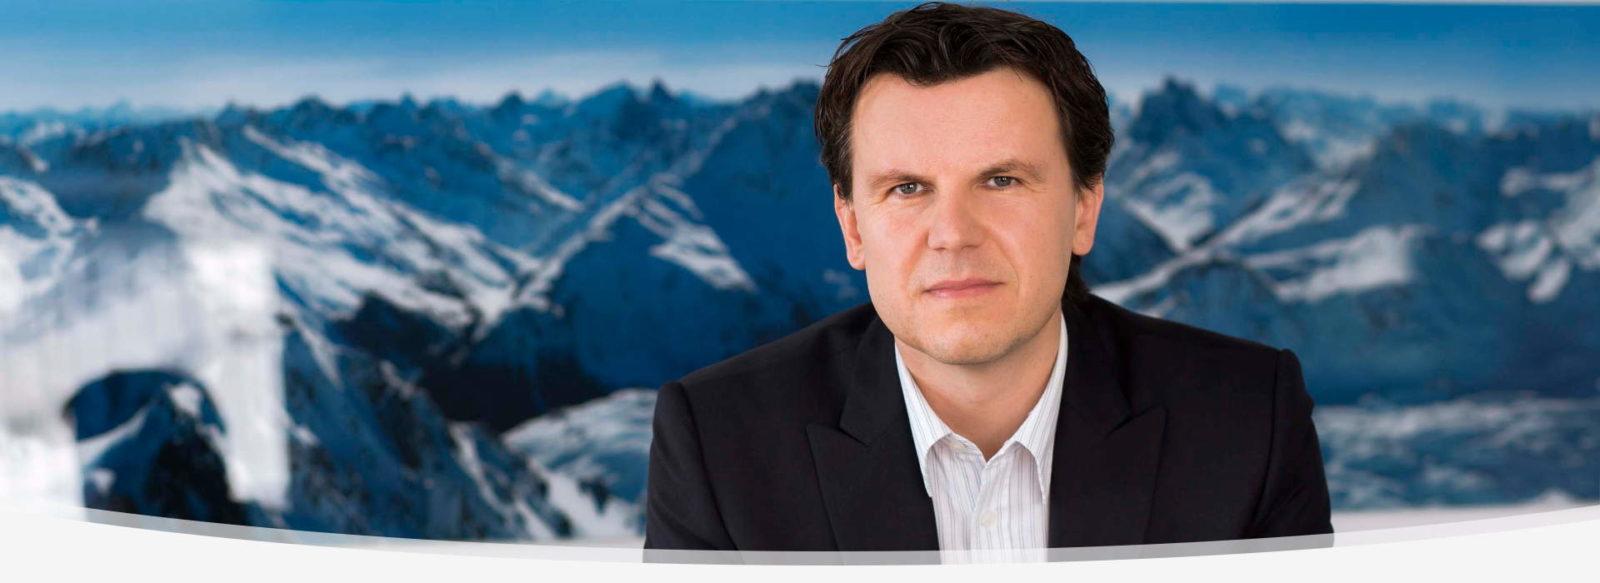 Anwalt Für Arbeitsrecht München Curos Rechtsanwälte